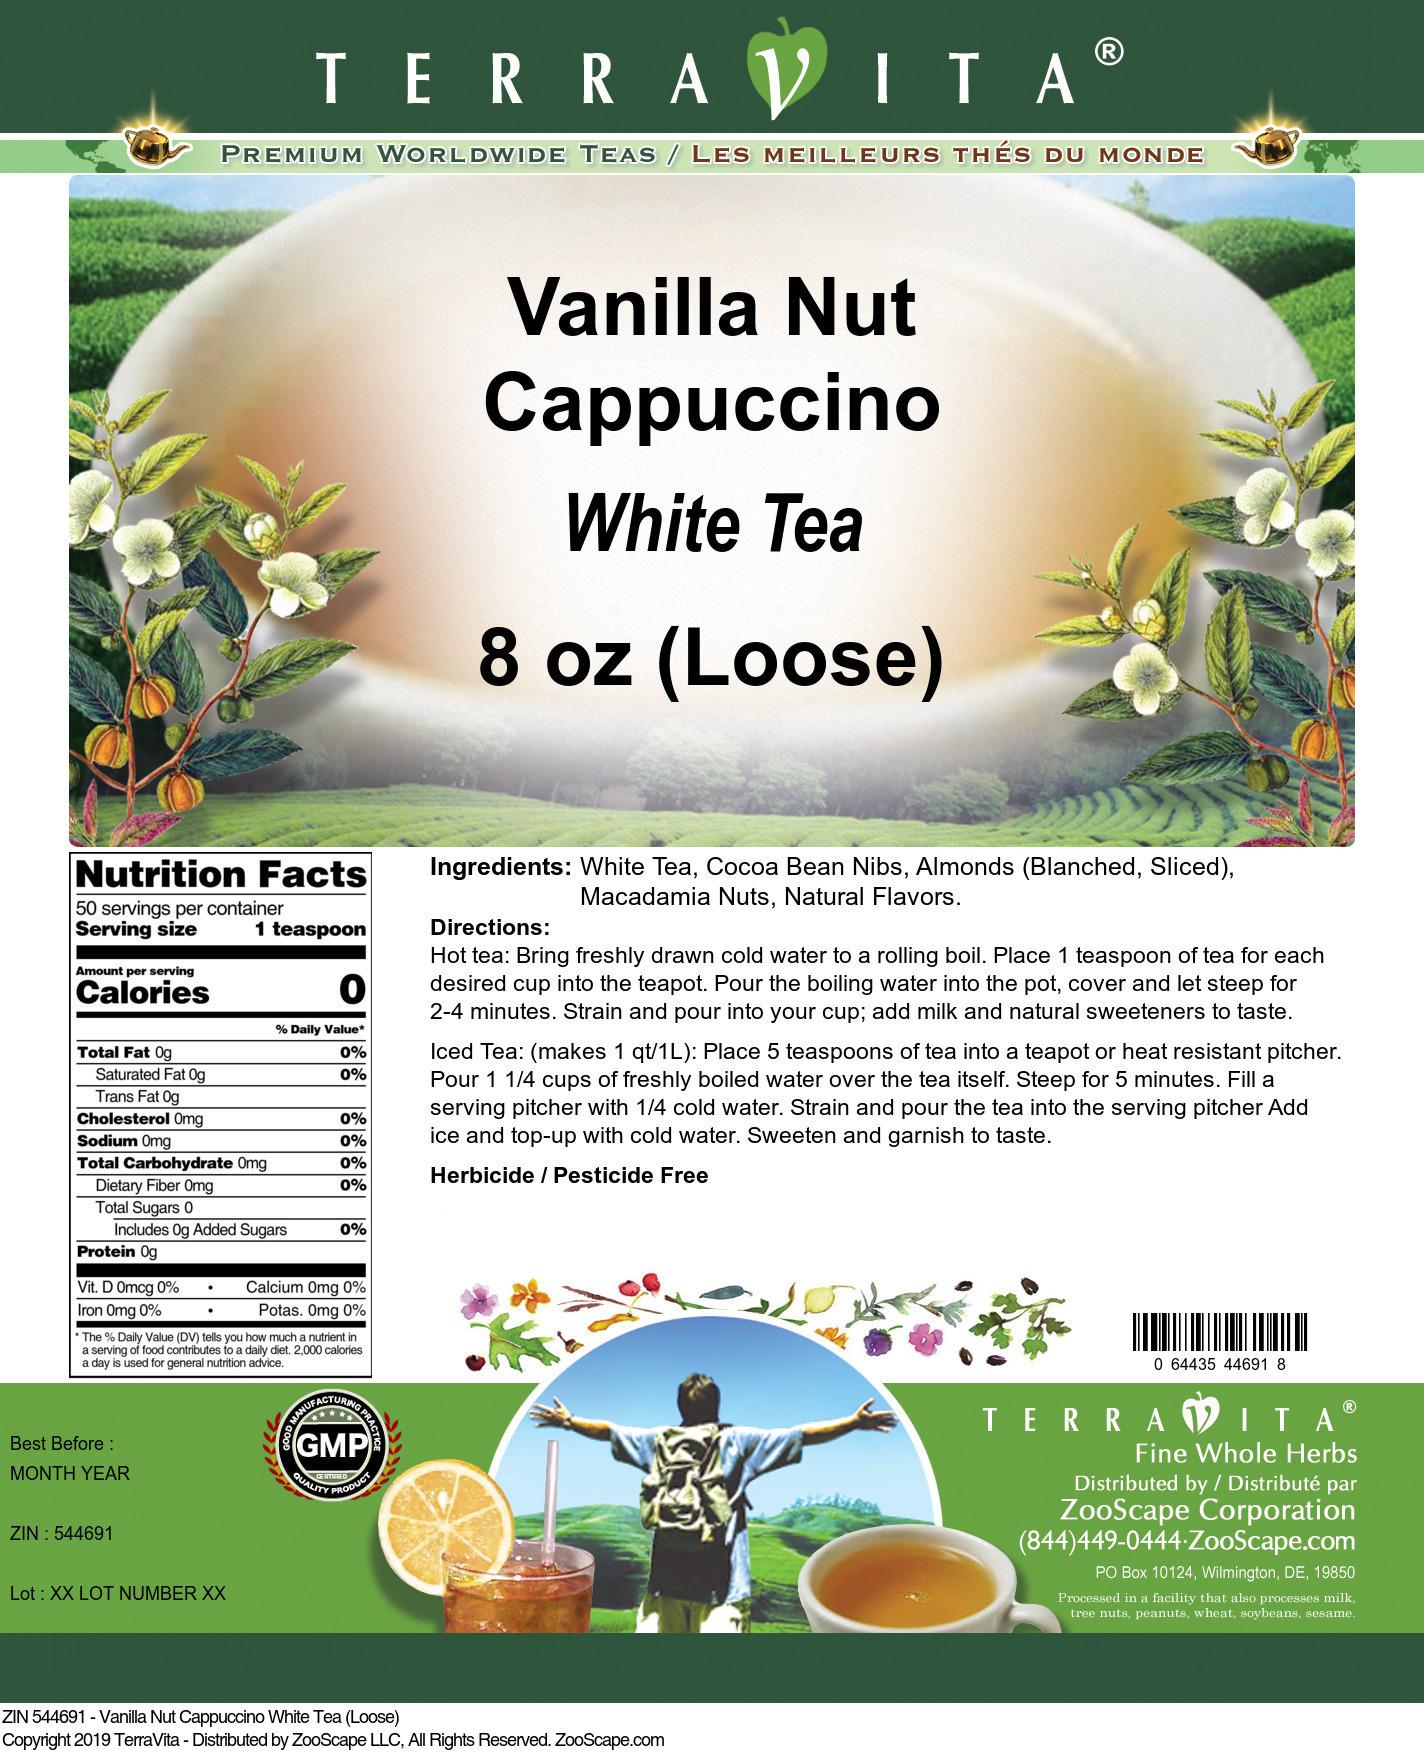 Vanilla Nut Cappuccino White Tea (Loose)